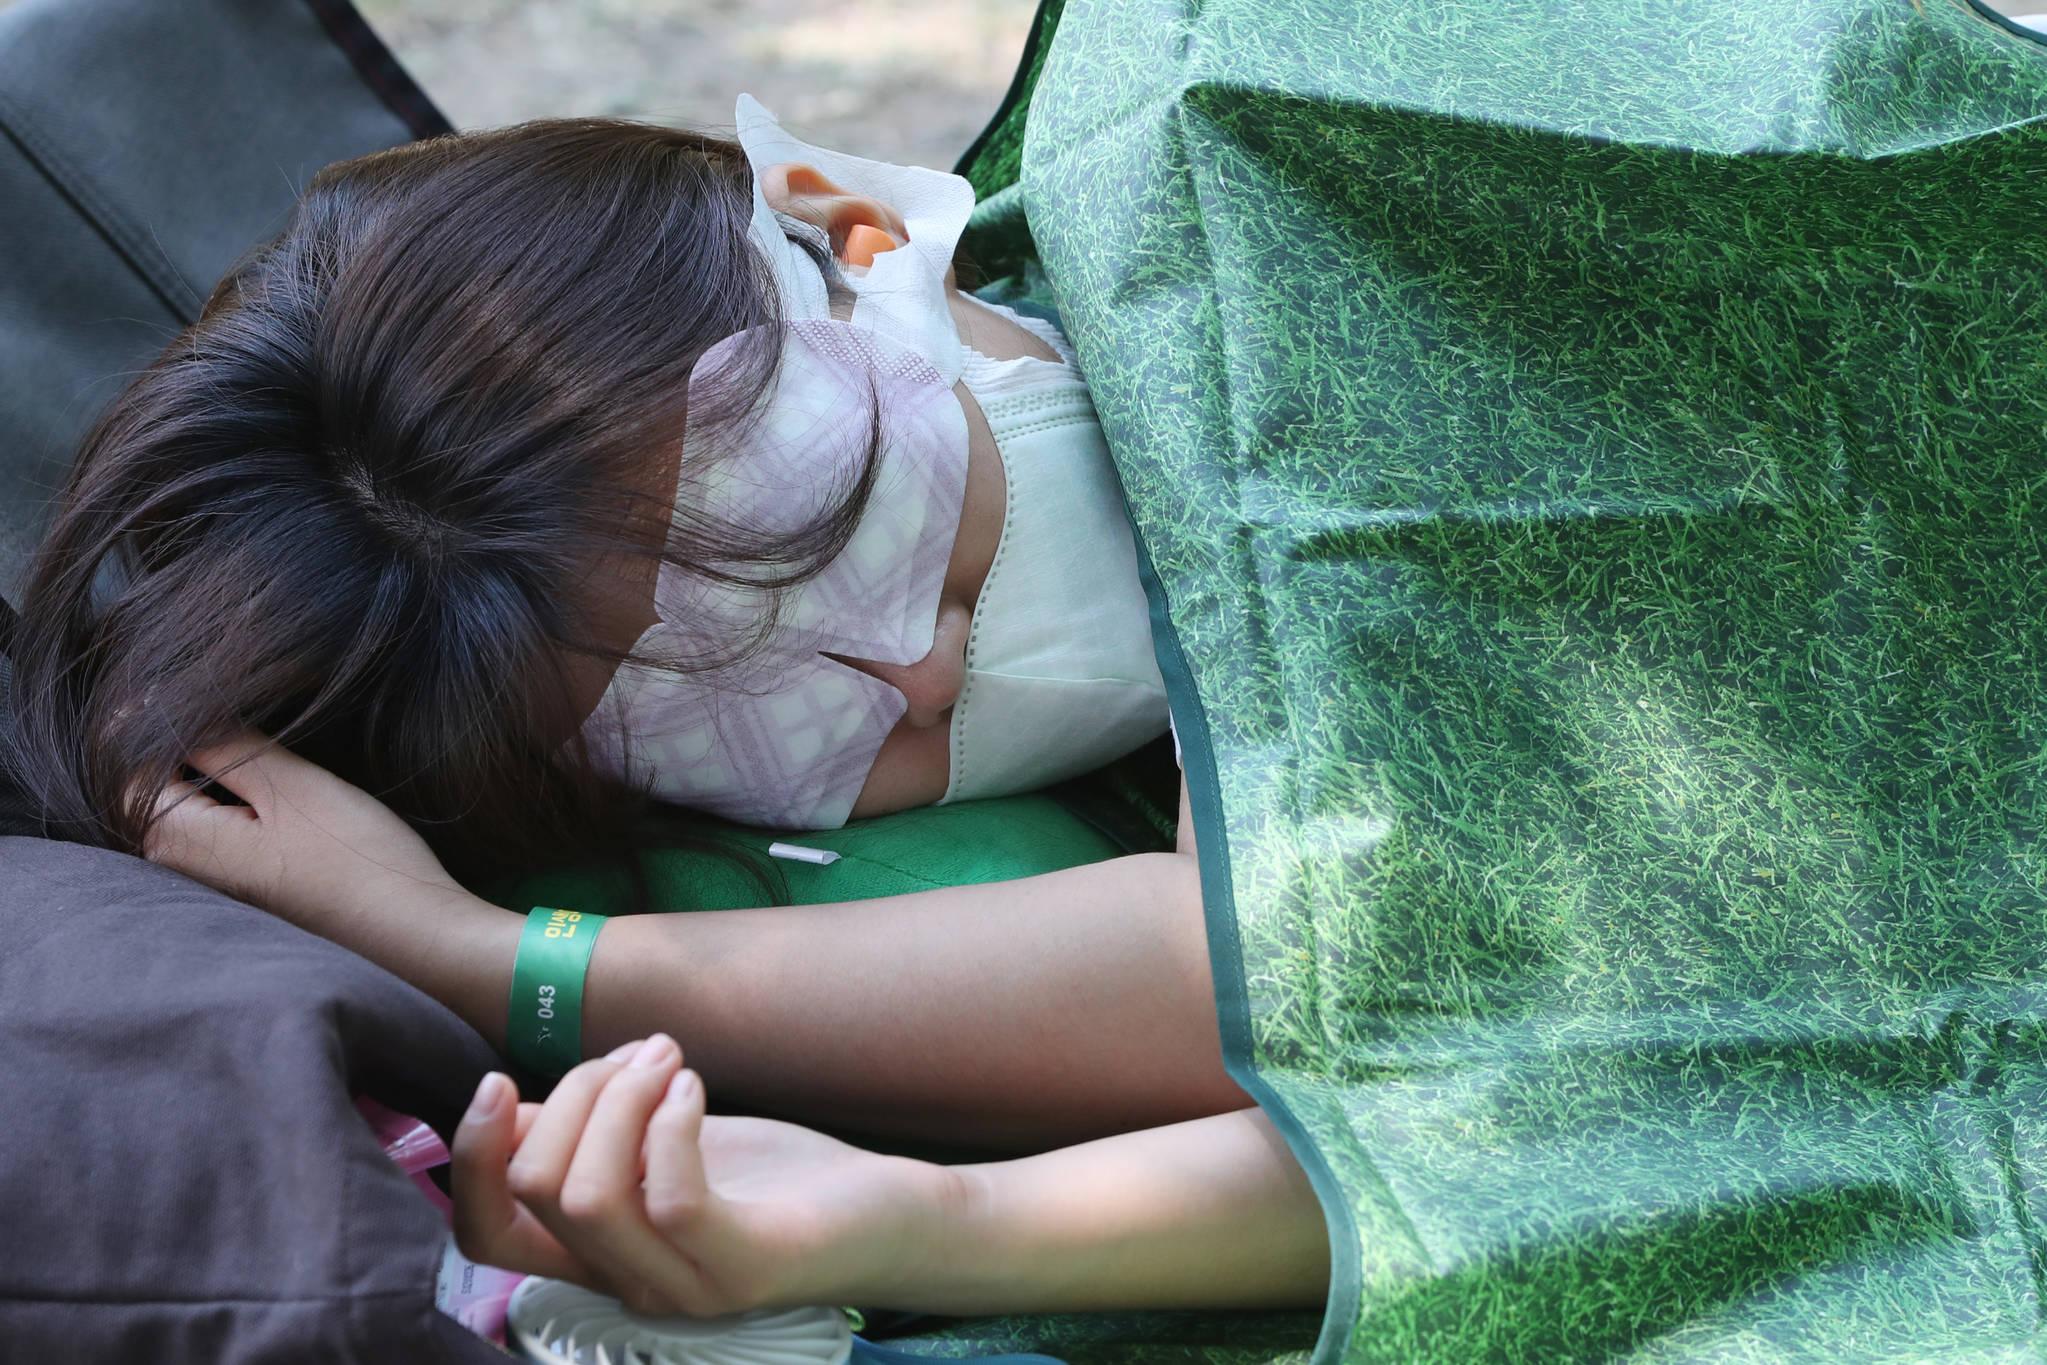 눈 사지팩을 하고 잠든 참가자.